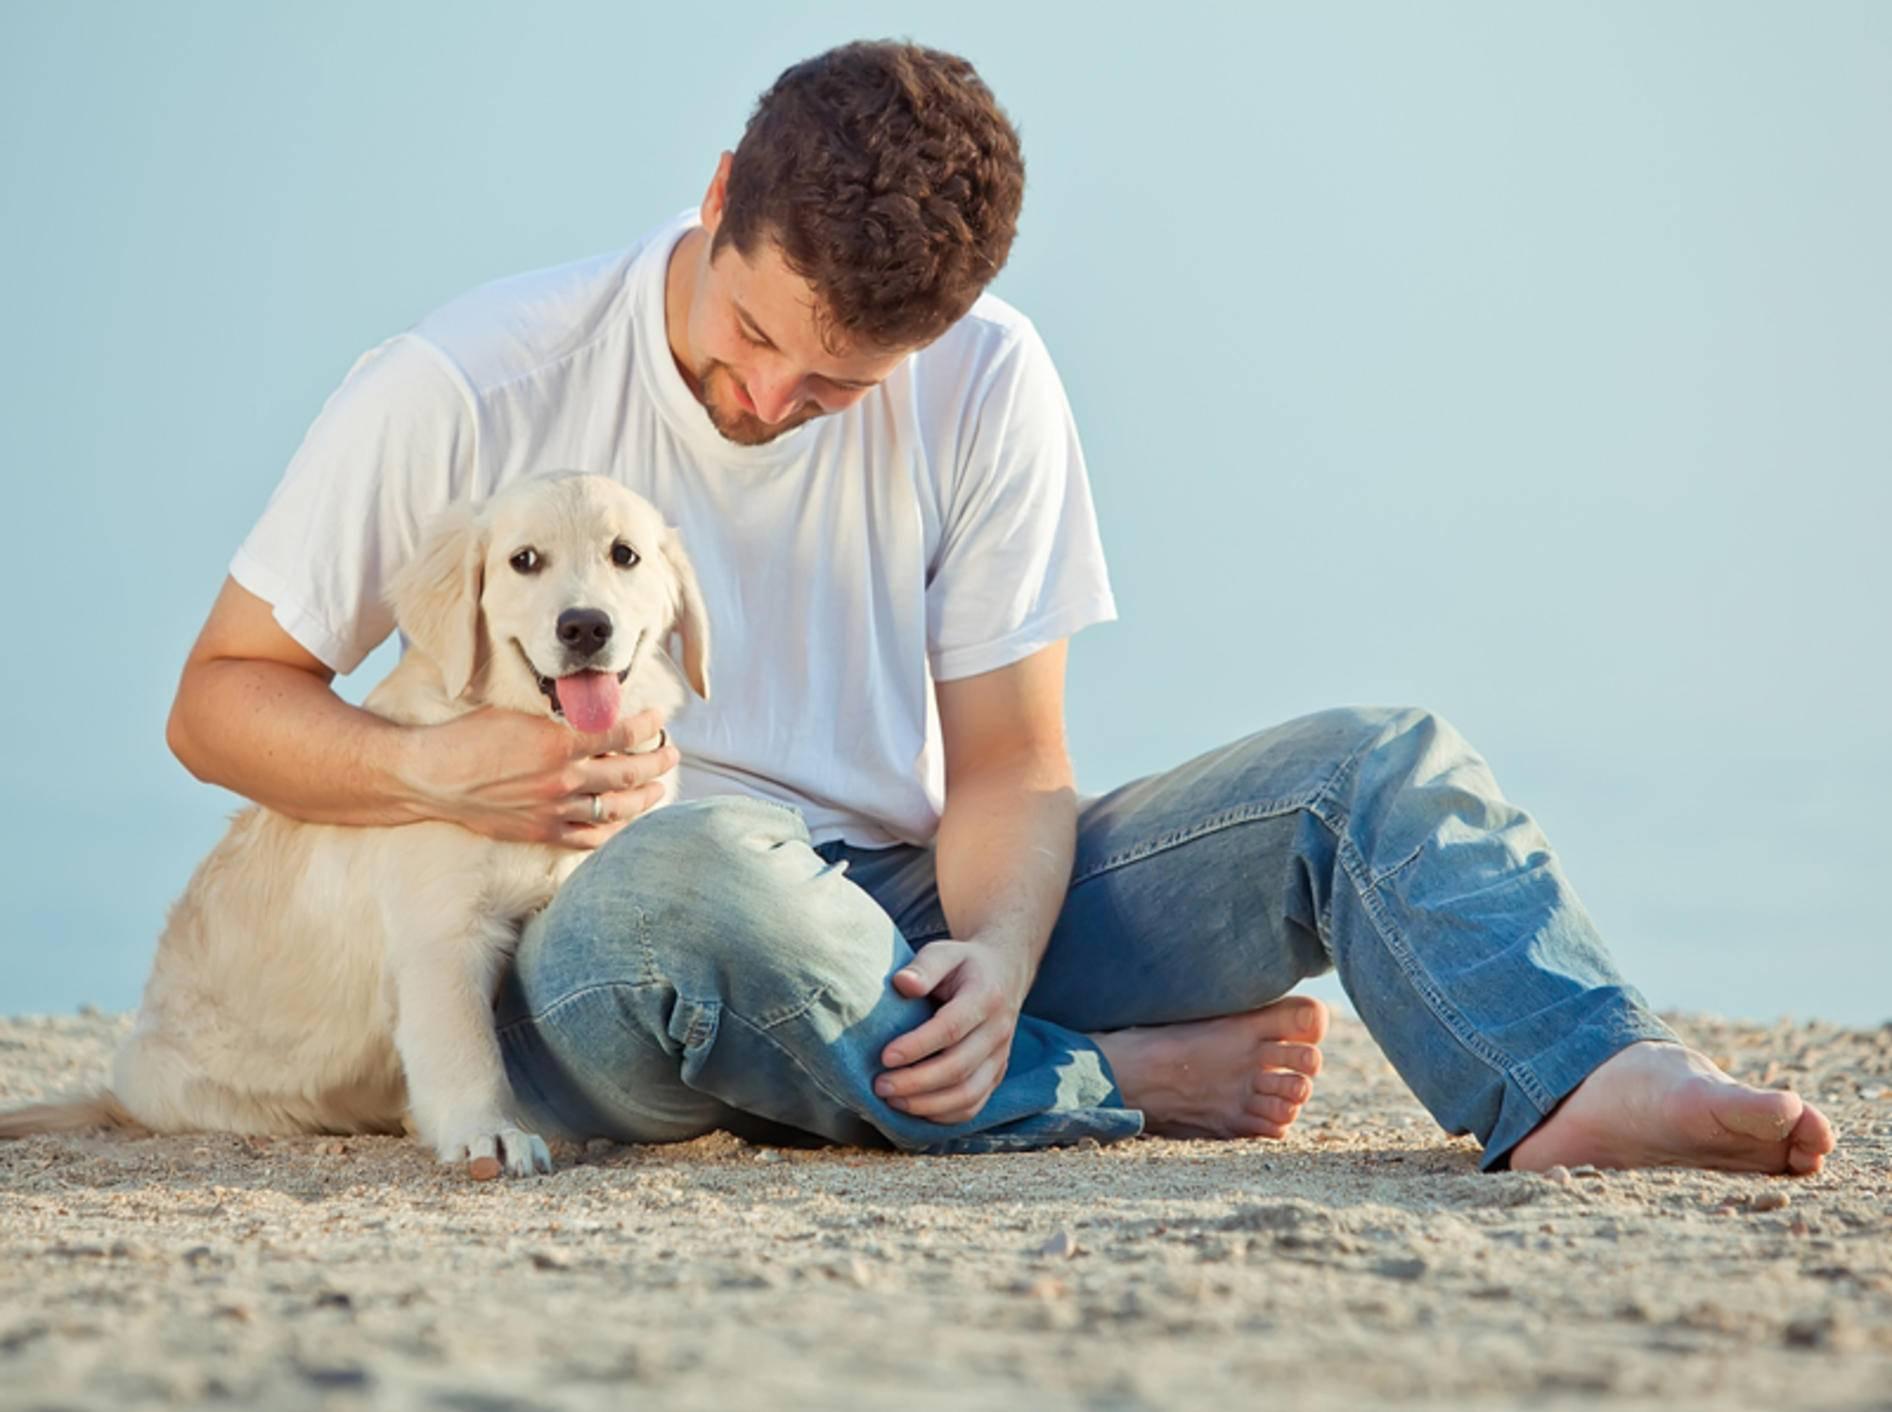 Vertrauen ist wichtig in der Mensch-Hund-Freundschaft – Shutterstock / Nina Buday